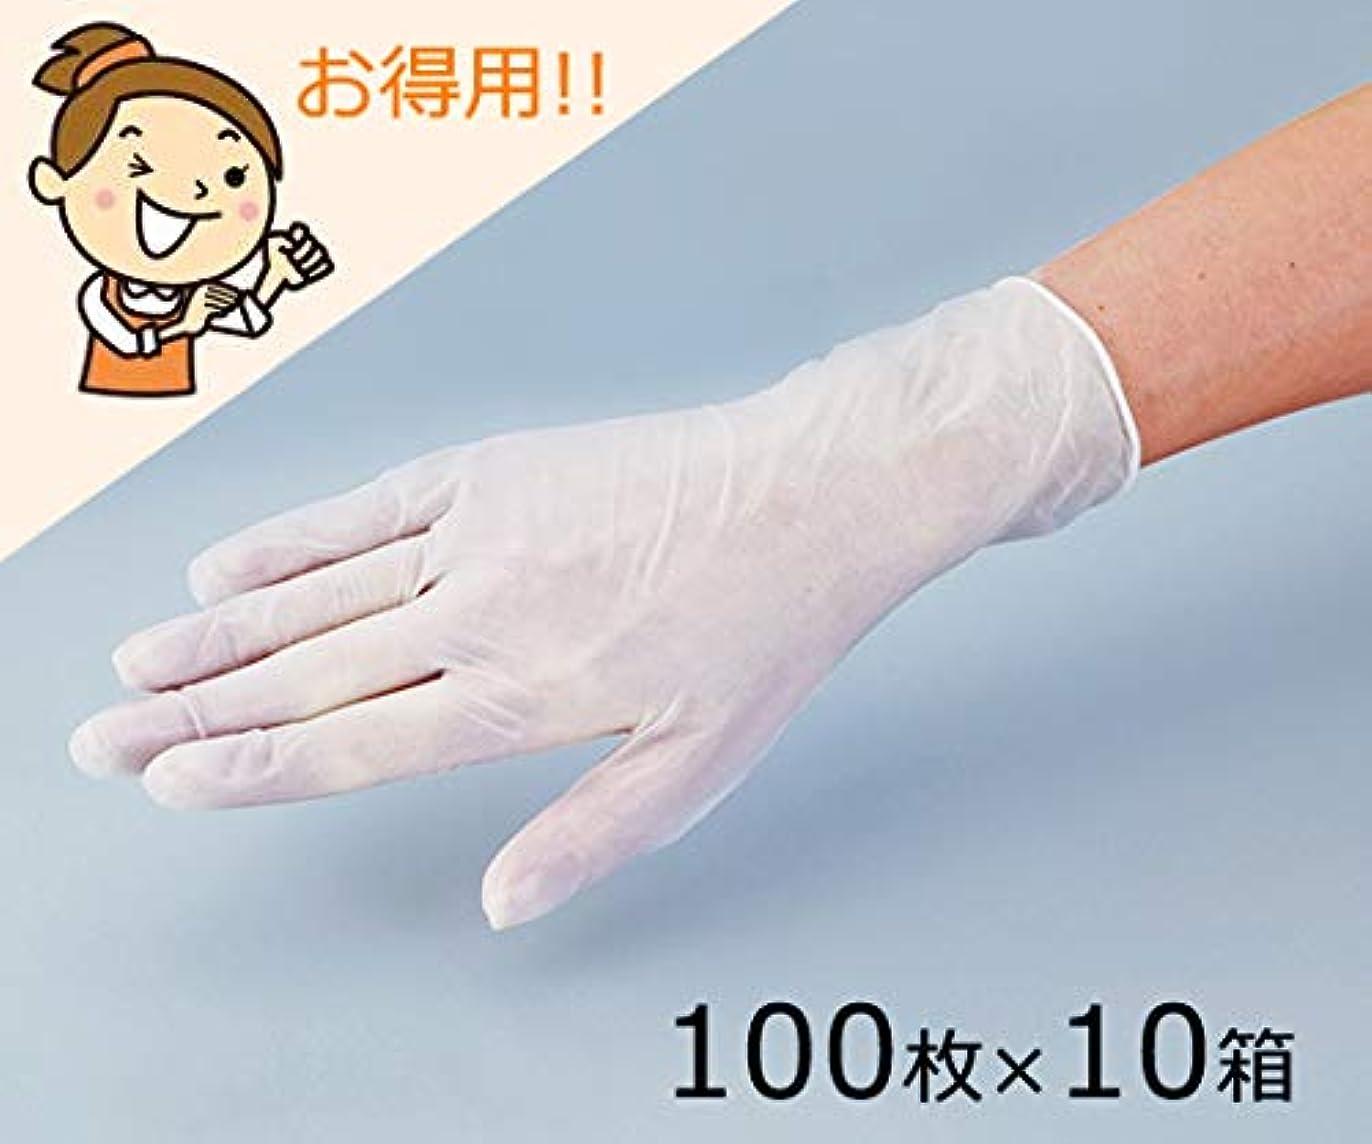 反対した肉腫おもちゃアズワン7-2396-11ケアプラスチック手袋(パウダーフリー)L1ケース(100枚/箱×10箱入)